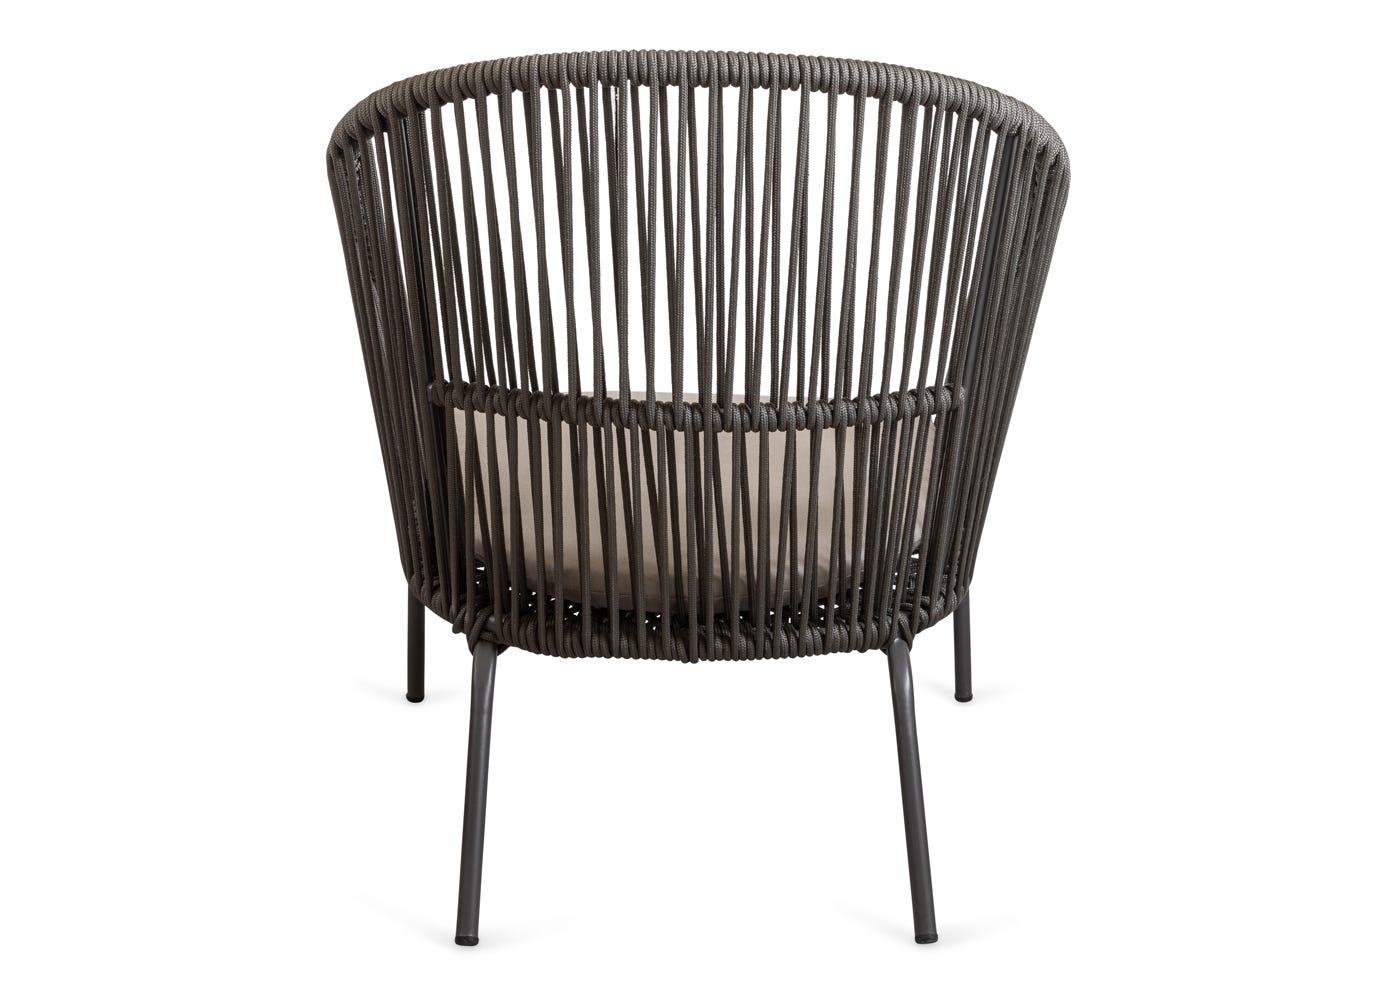 As shown: Filo outdoor chair & ottoman - Rear profile.